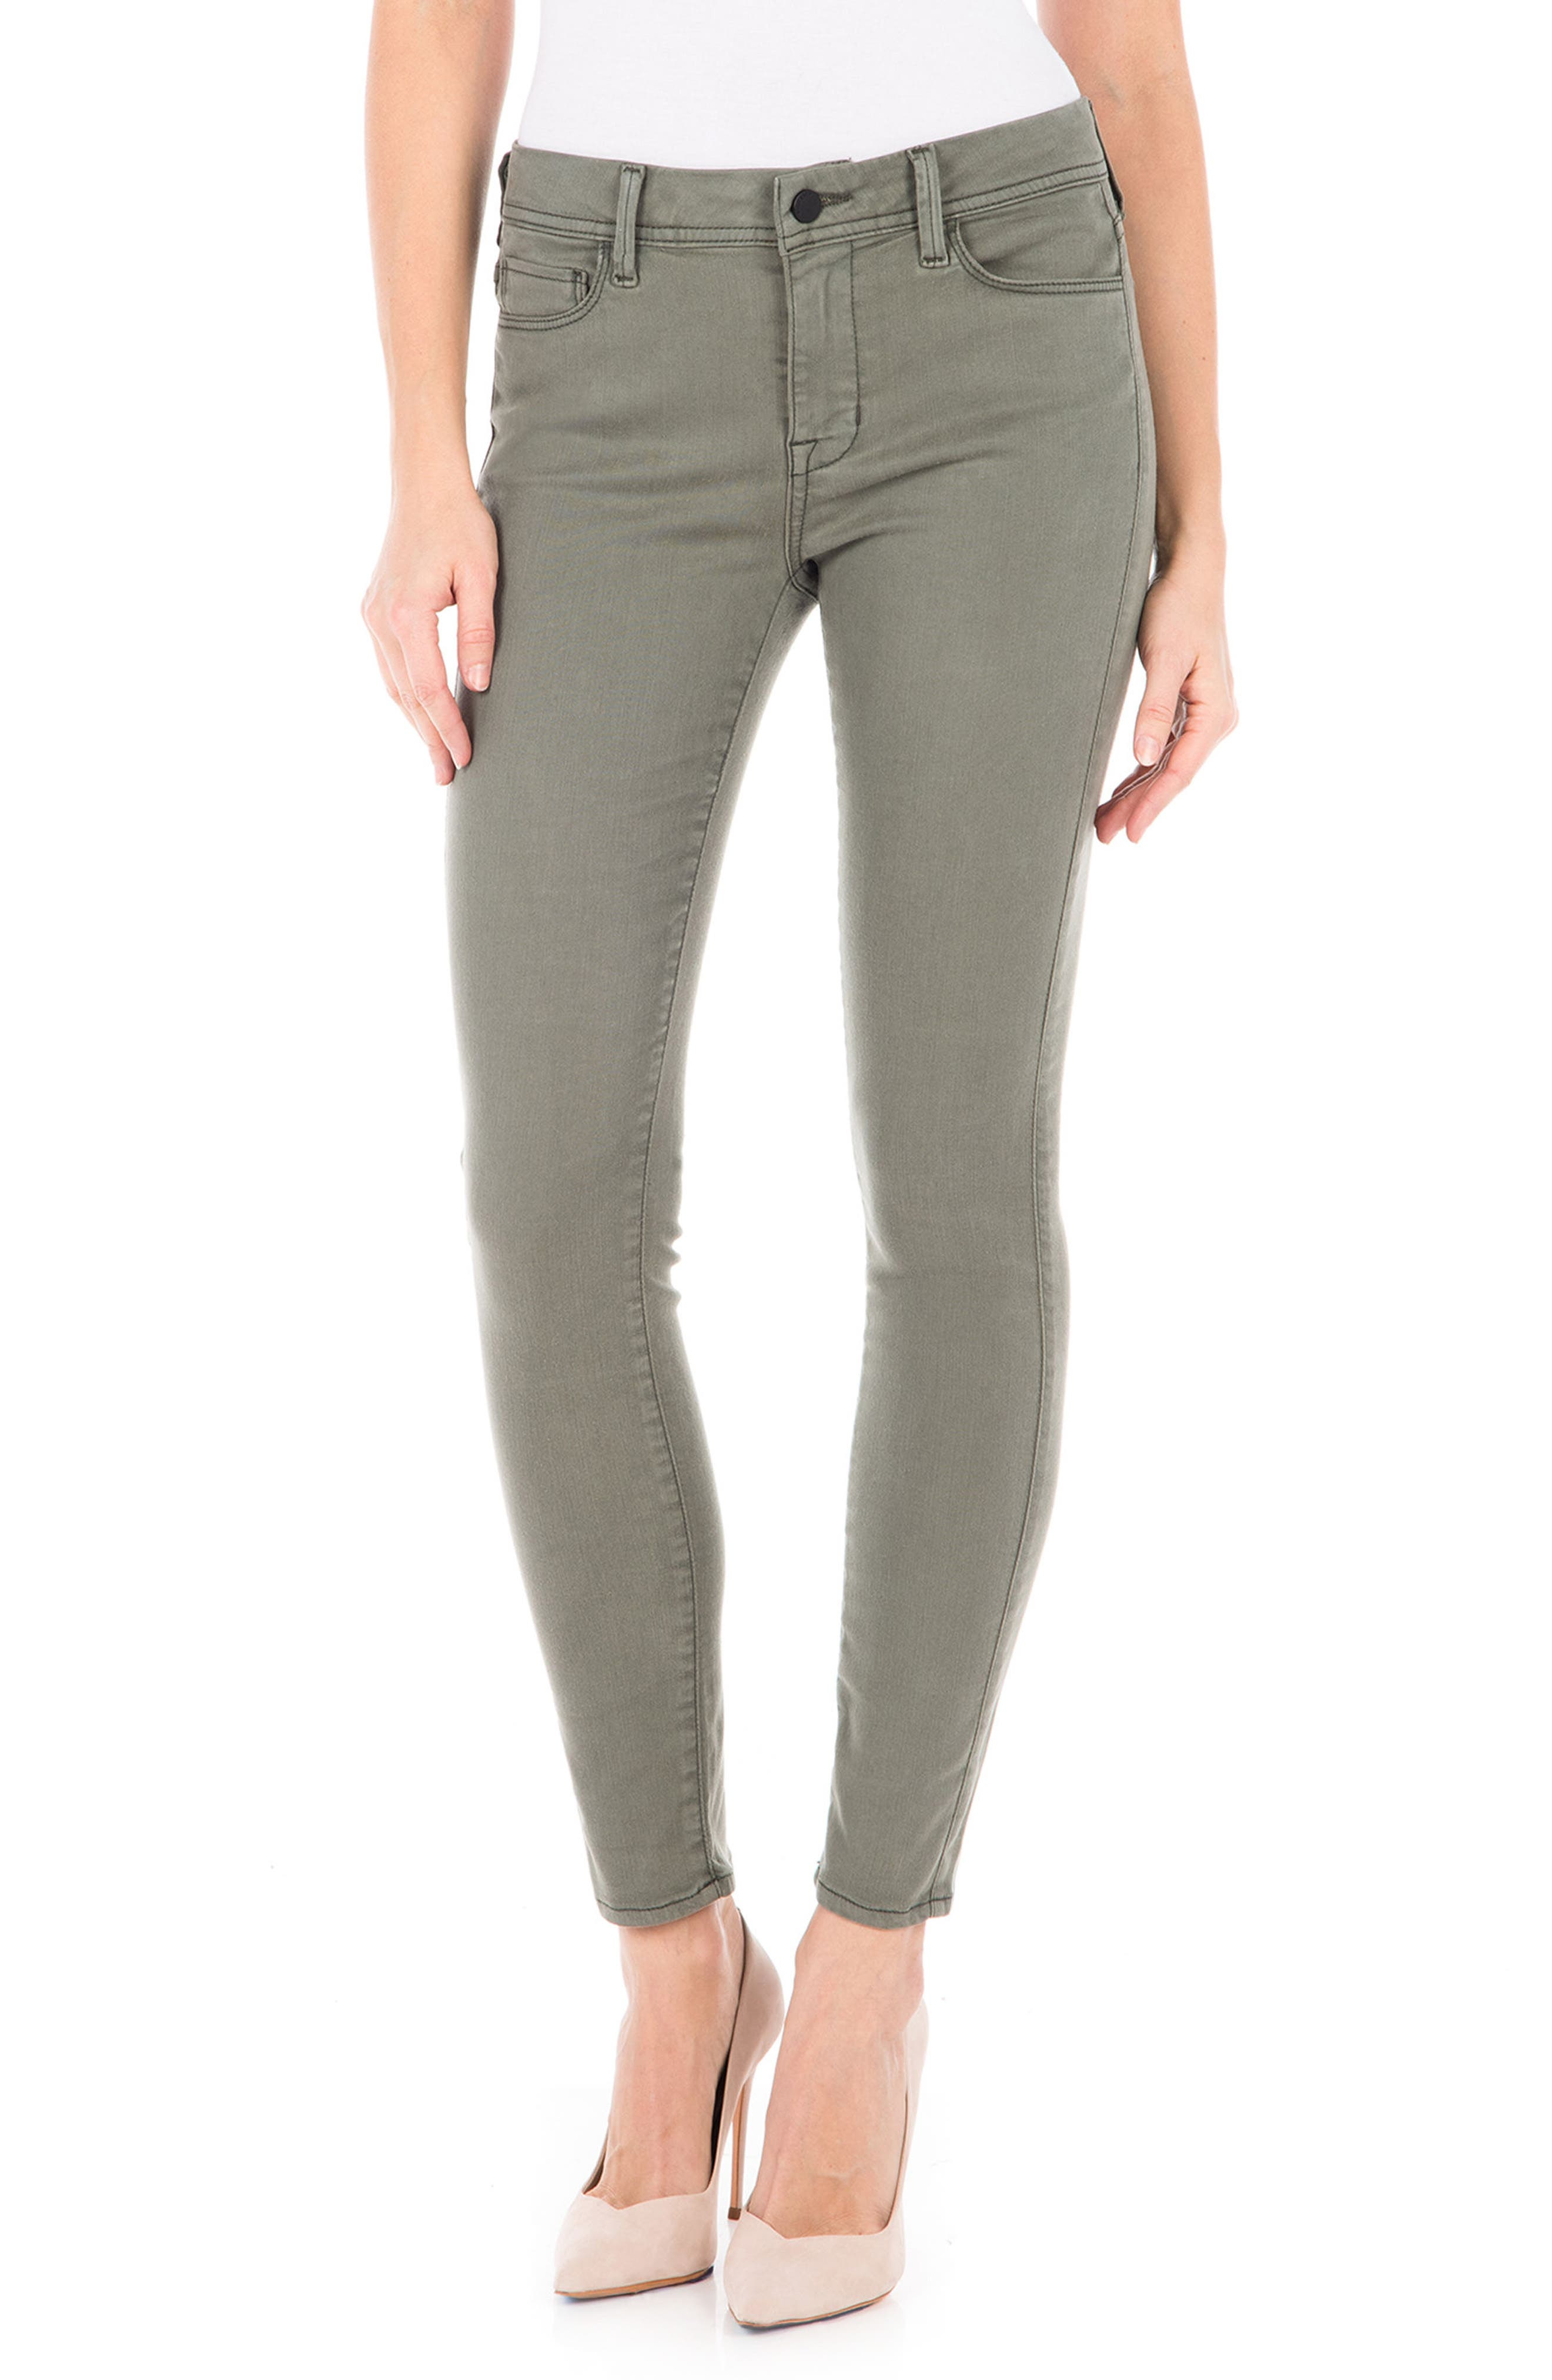 Sola Skinny Jeans,                             Main thumbnail 1, color,                             Pistachio